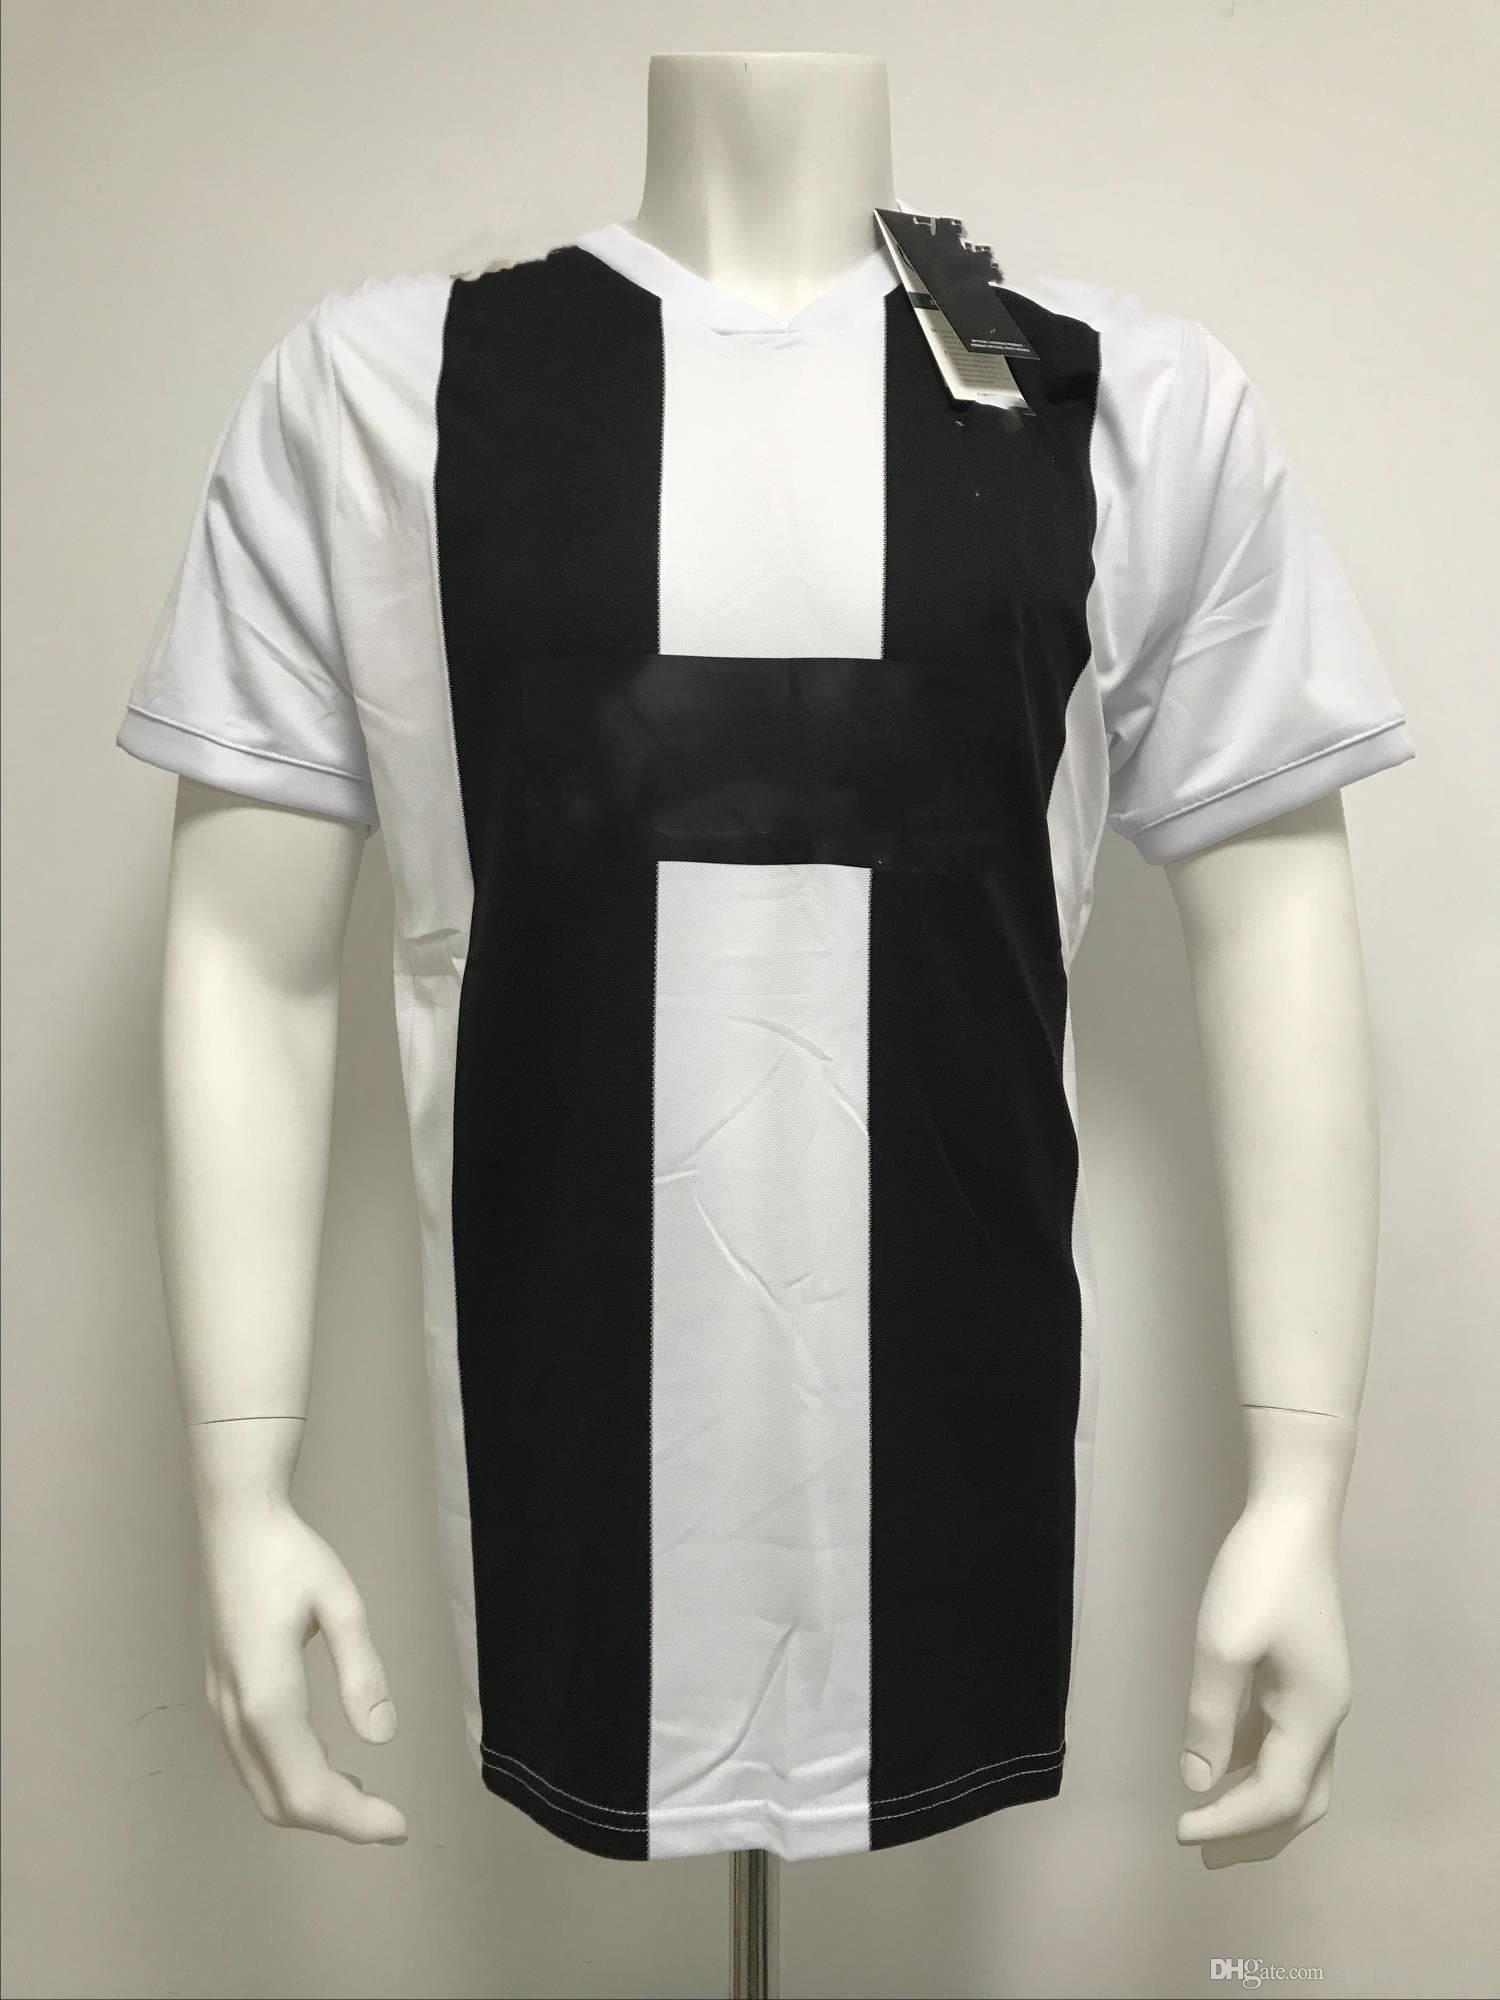 189cad25ffb 2018-2019 Juvent Ronalda blanco y negro camisa de fútbol jersey envío  gratis nuevas llegadas de fútbol caliente camiseta jerseys tamaño S-XL ...